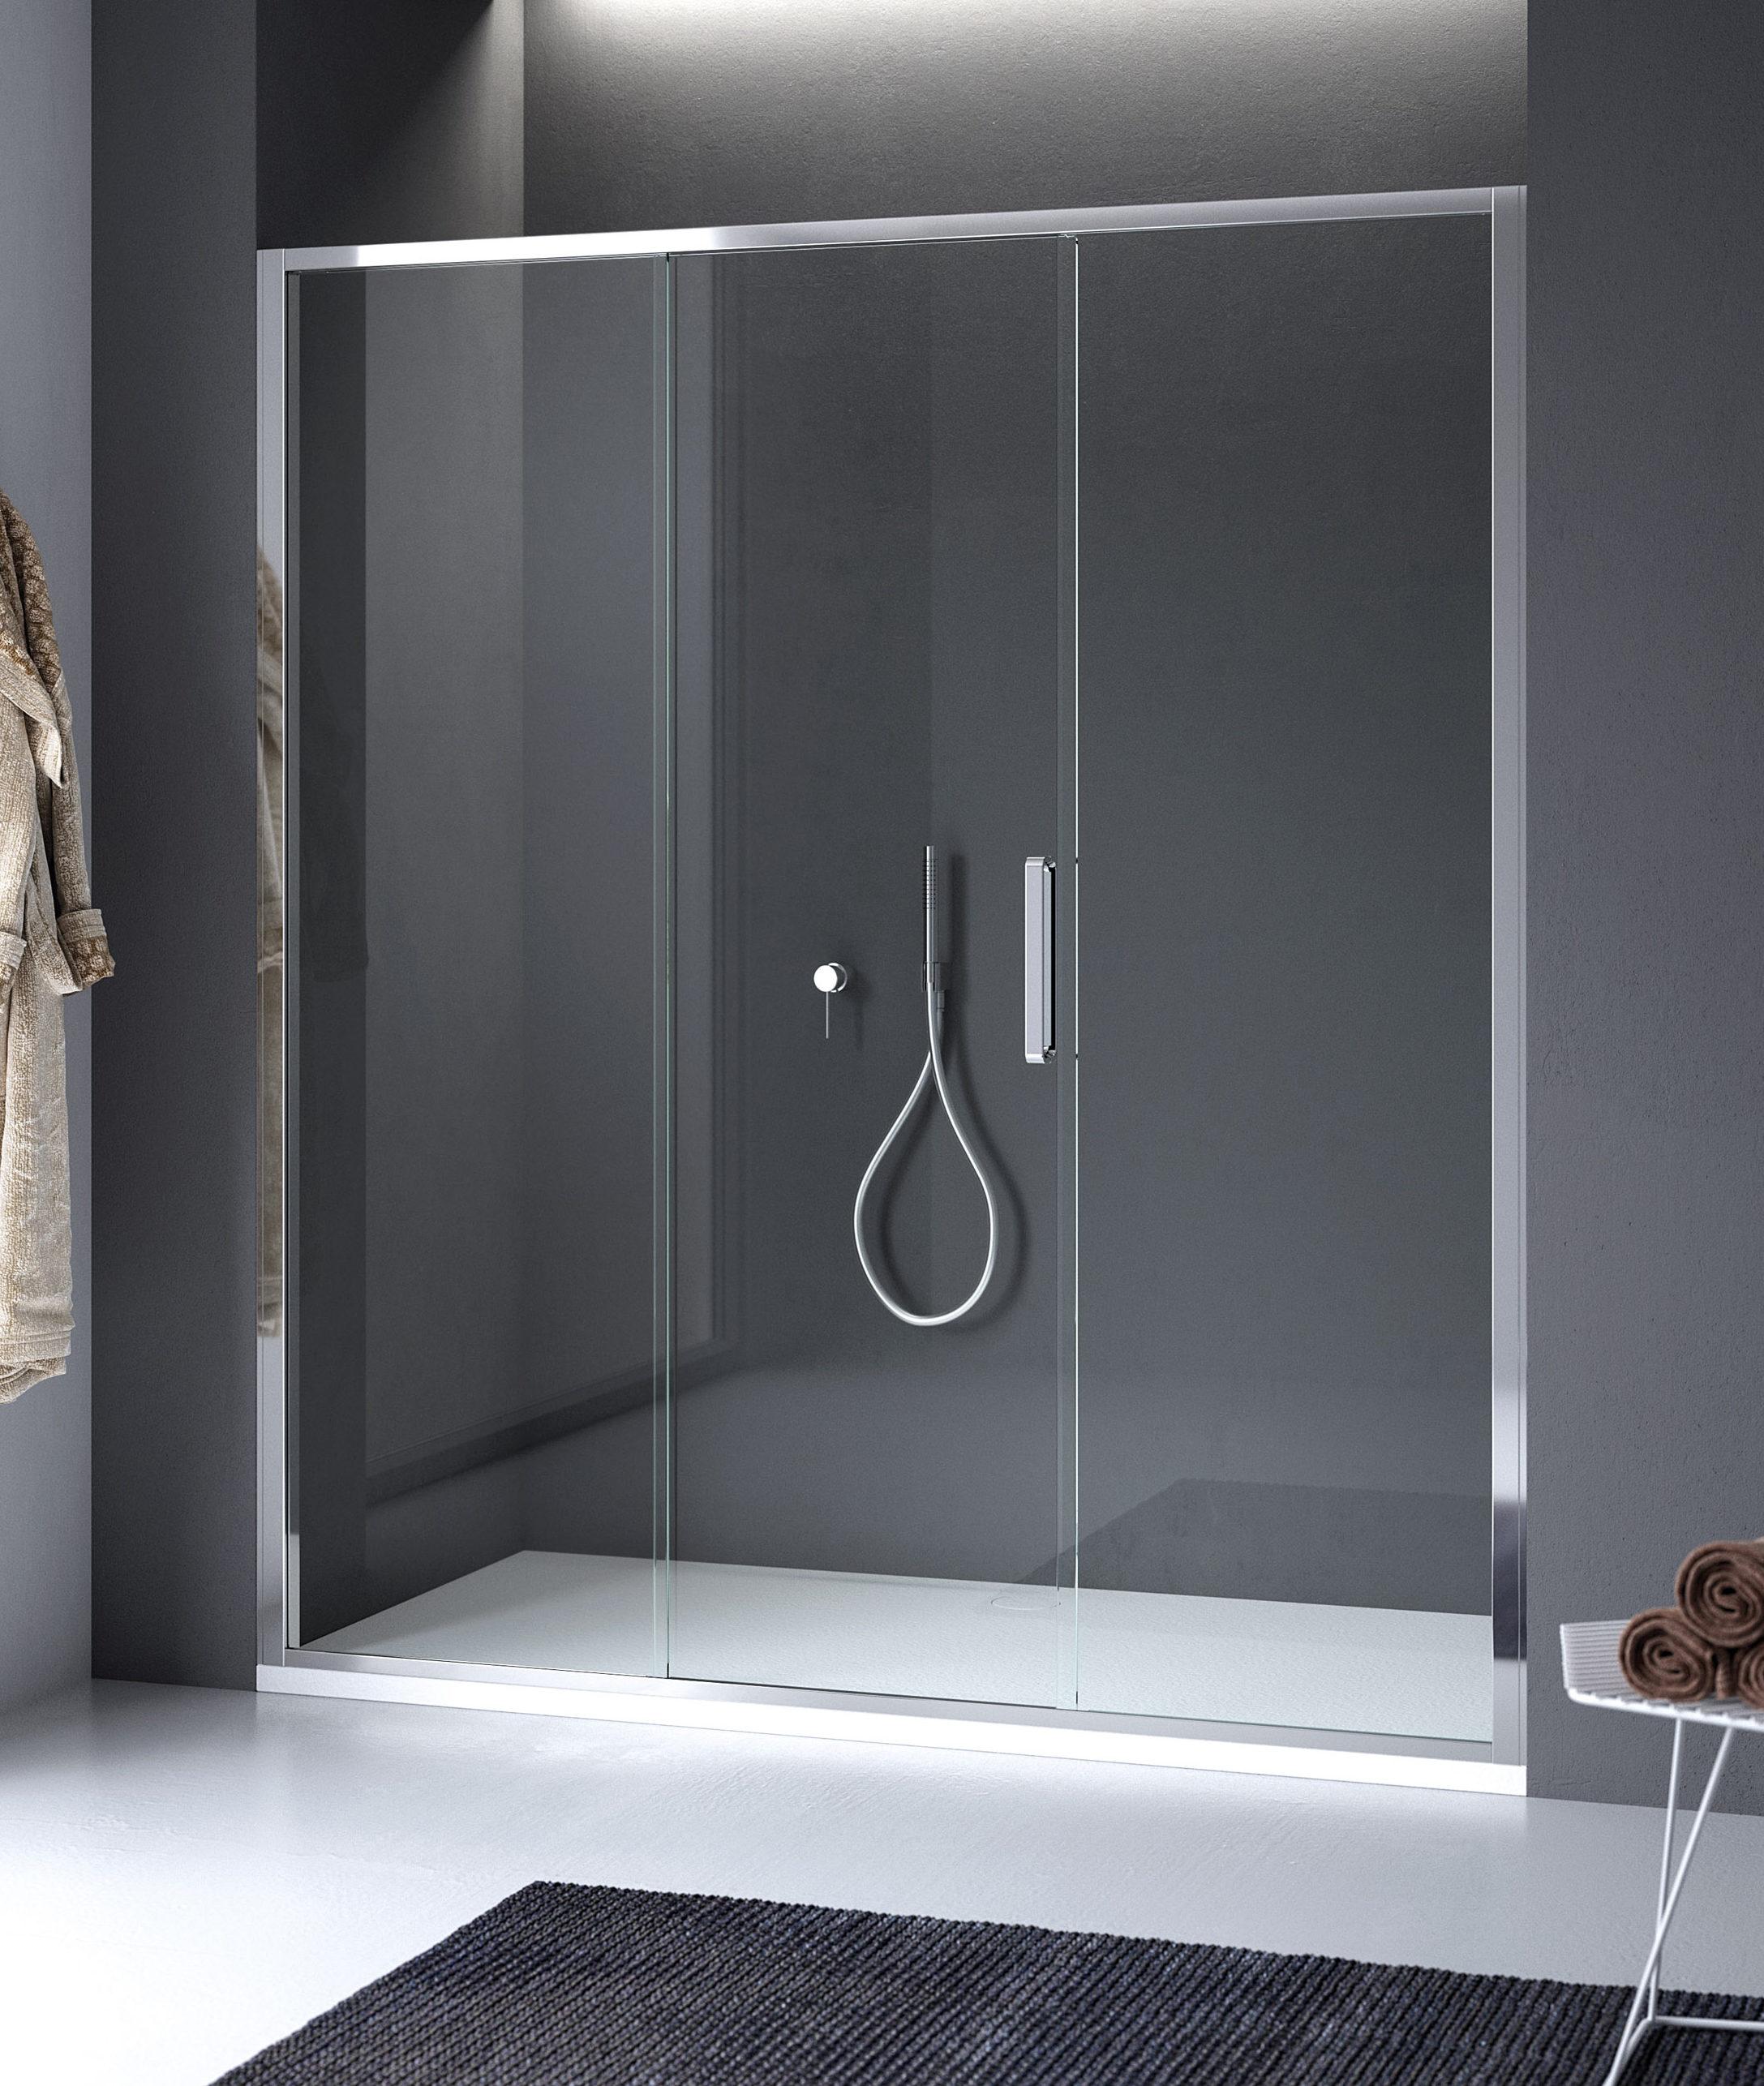 Porta doccia scorrevole centrale in nicchia arbatax - Porta scorrevole curva ...